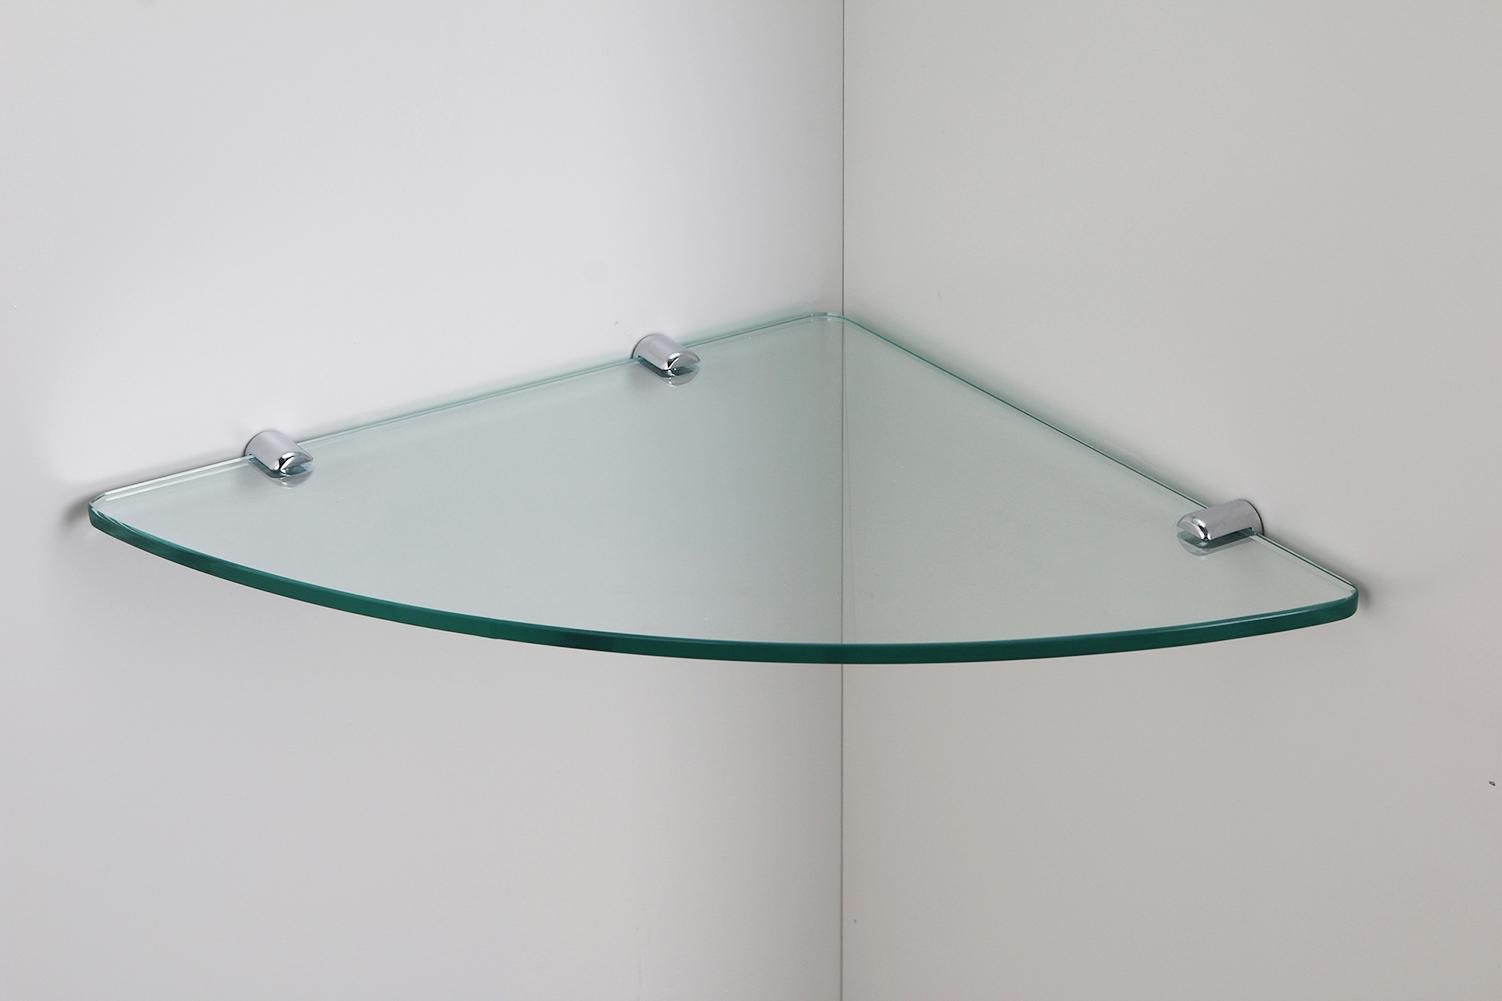 zubeh r klarglas eckregal viertelkreis 8mm mit clips ablagefl che dusche k che ebay. Black Bedroom Furniture Sets. Home Design Ideas